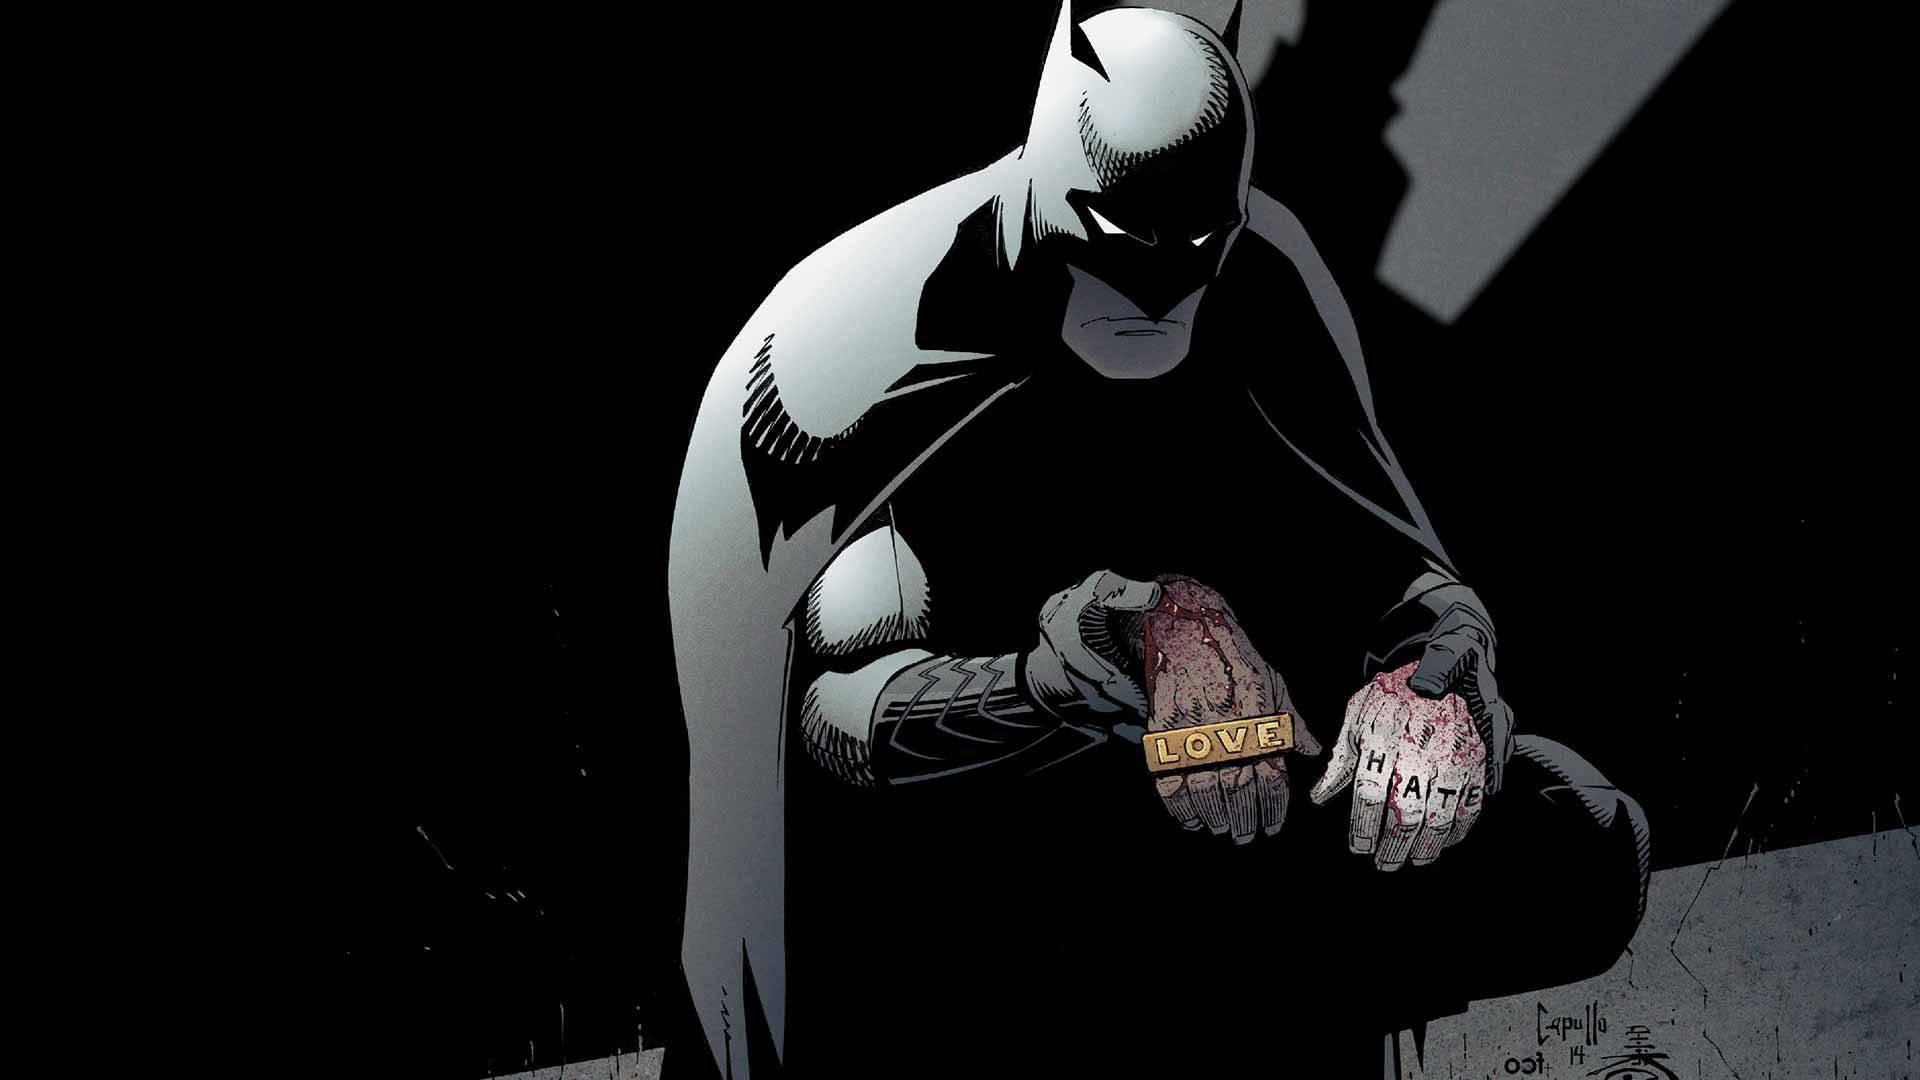 Слух дня: Арми Хаммер сыграет нового Бэтмена?